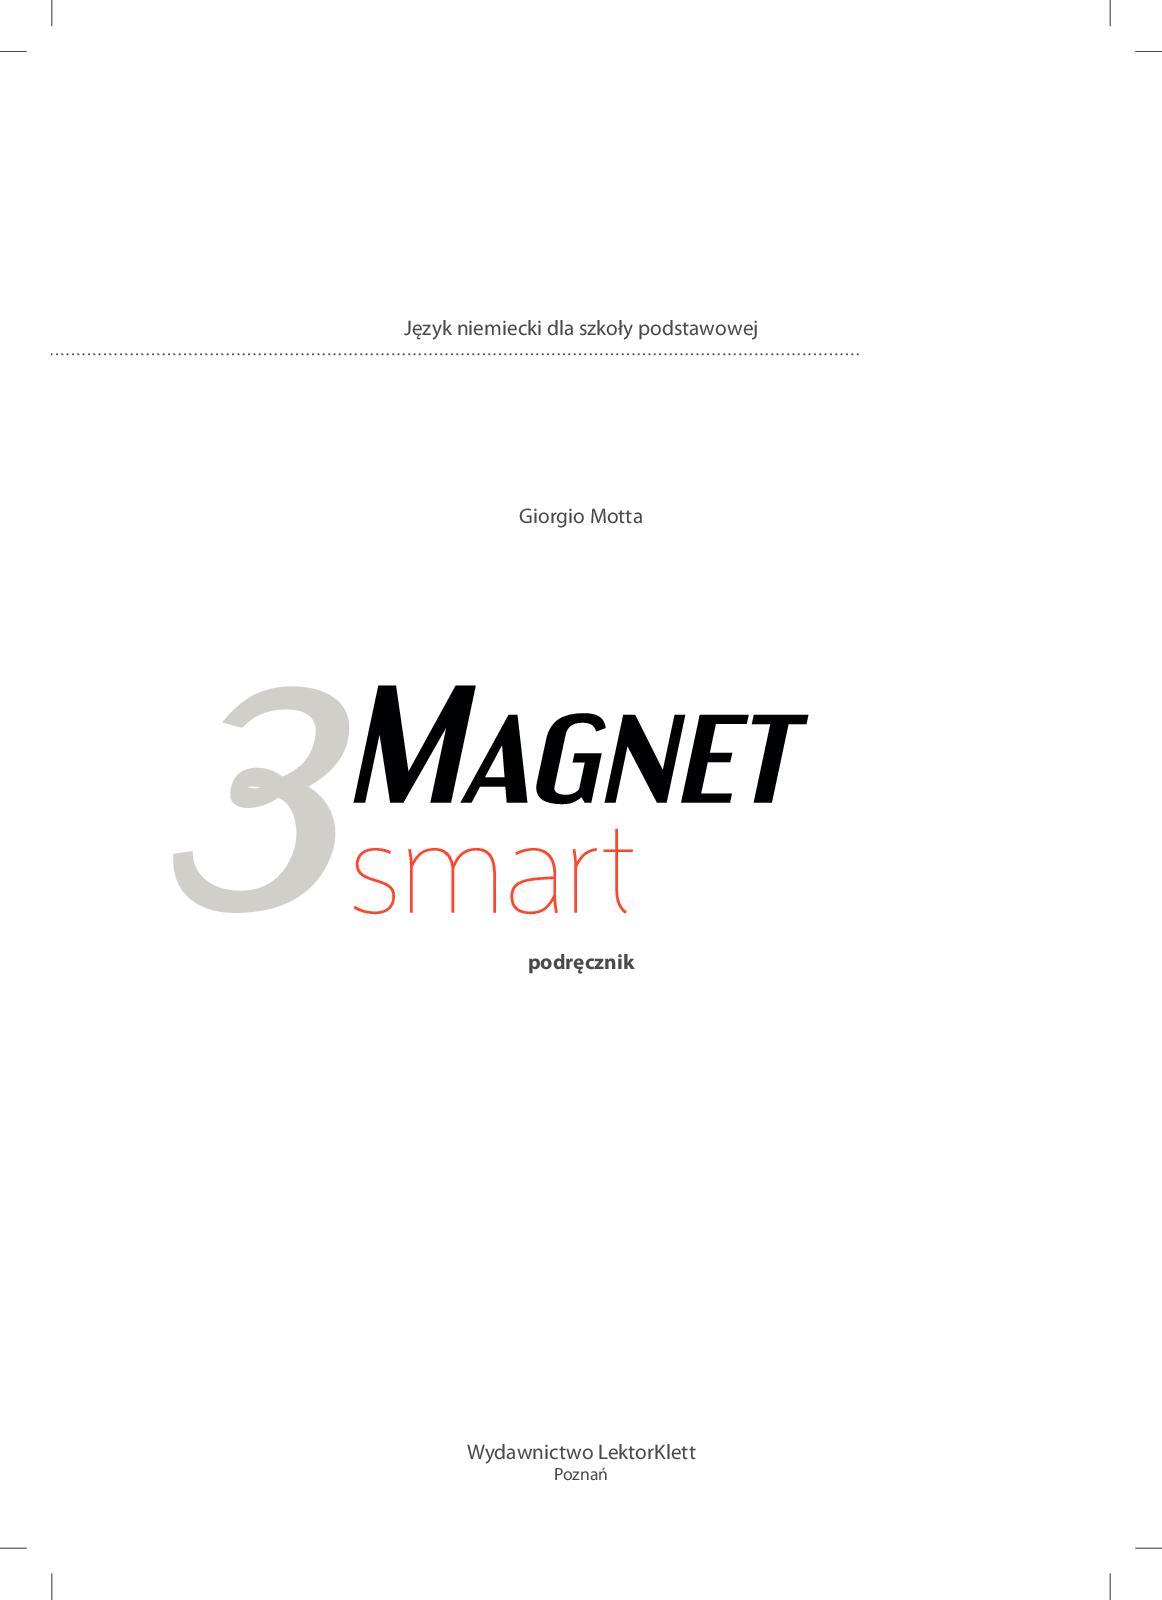 Calaméo Magnet Smart 3 Podrecznik Do Npp